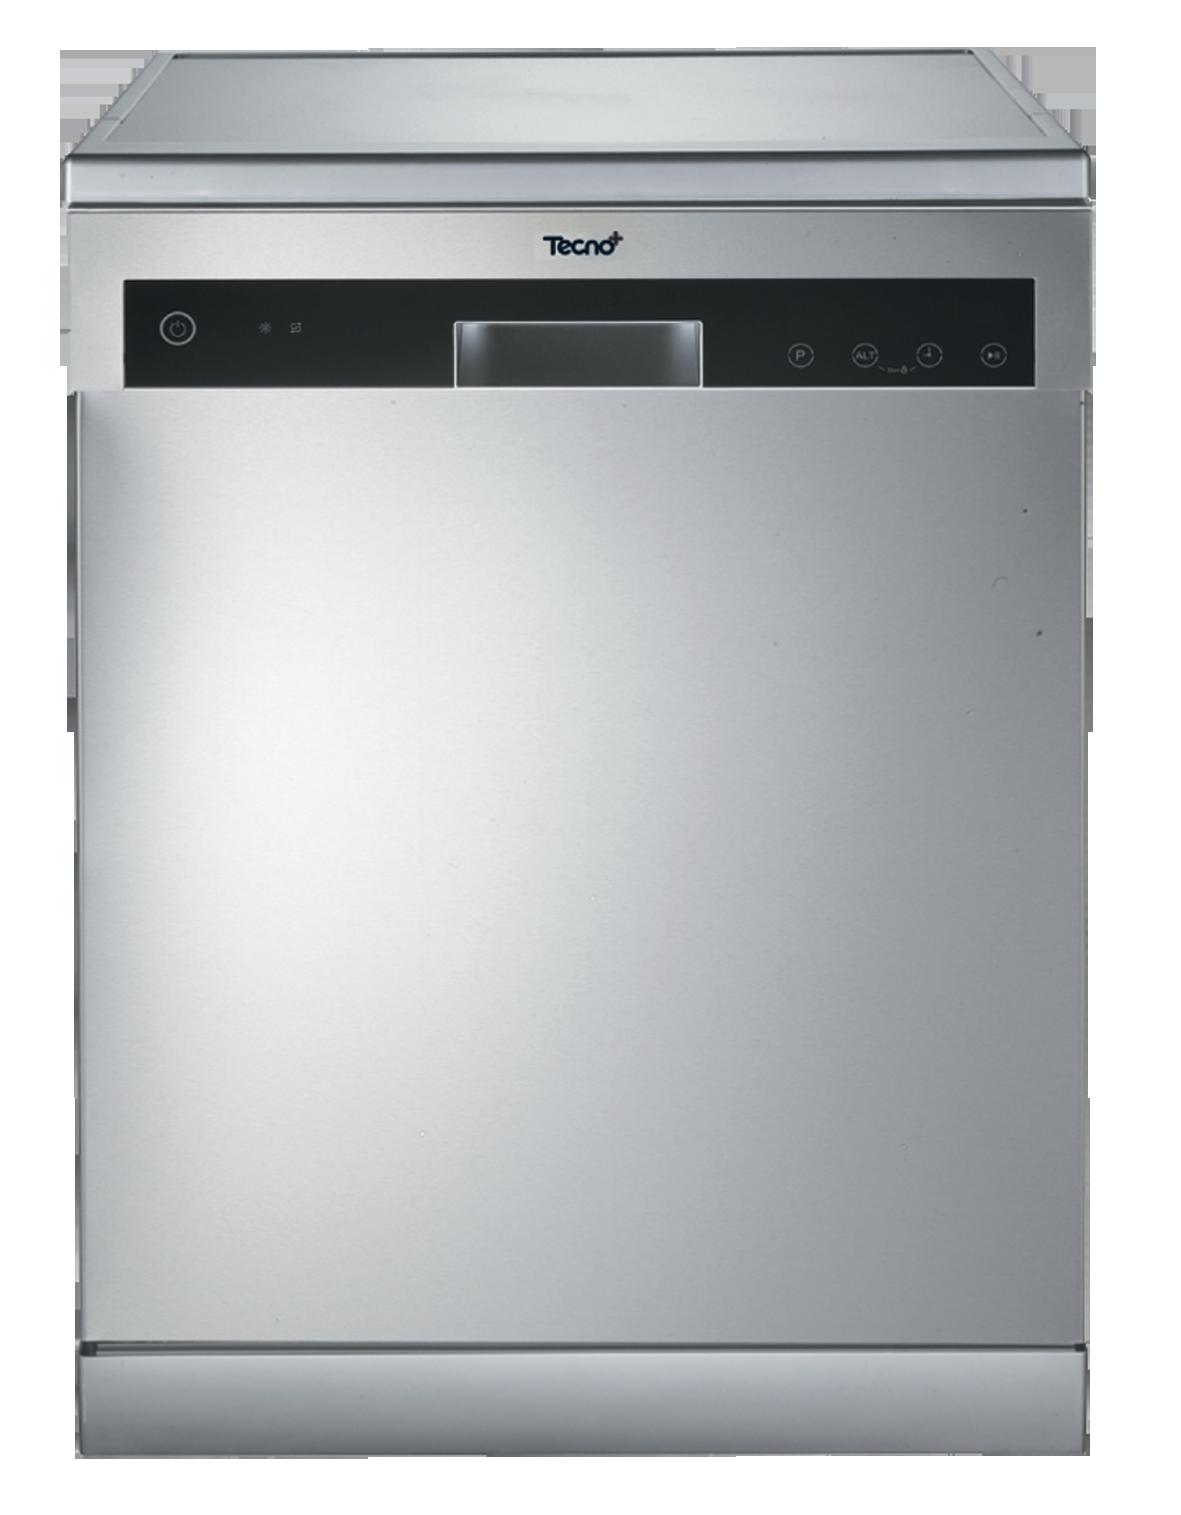 เครื่องล้างจาน Tecnogas รุ่นTNP DW 60612 SS